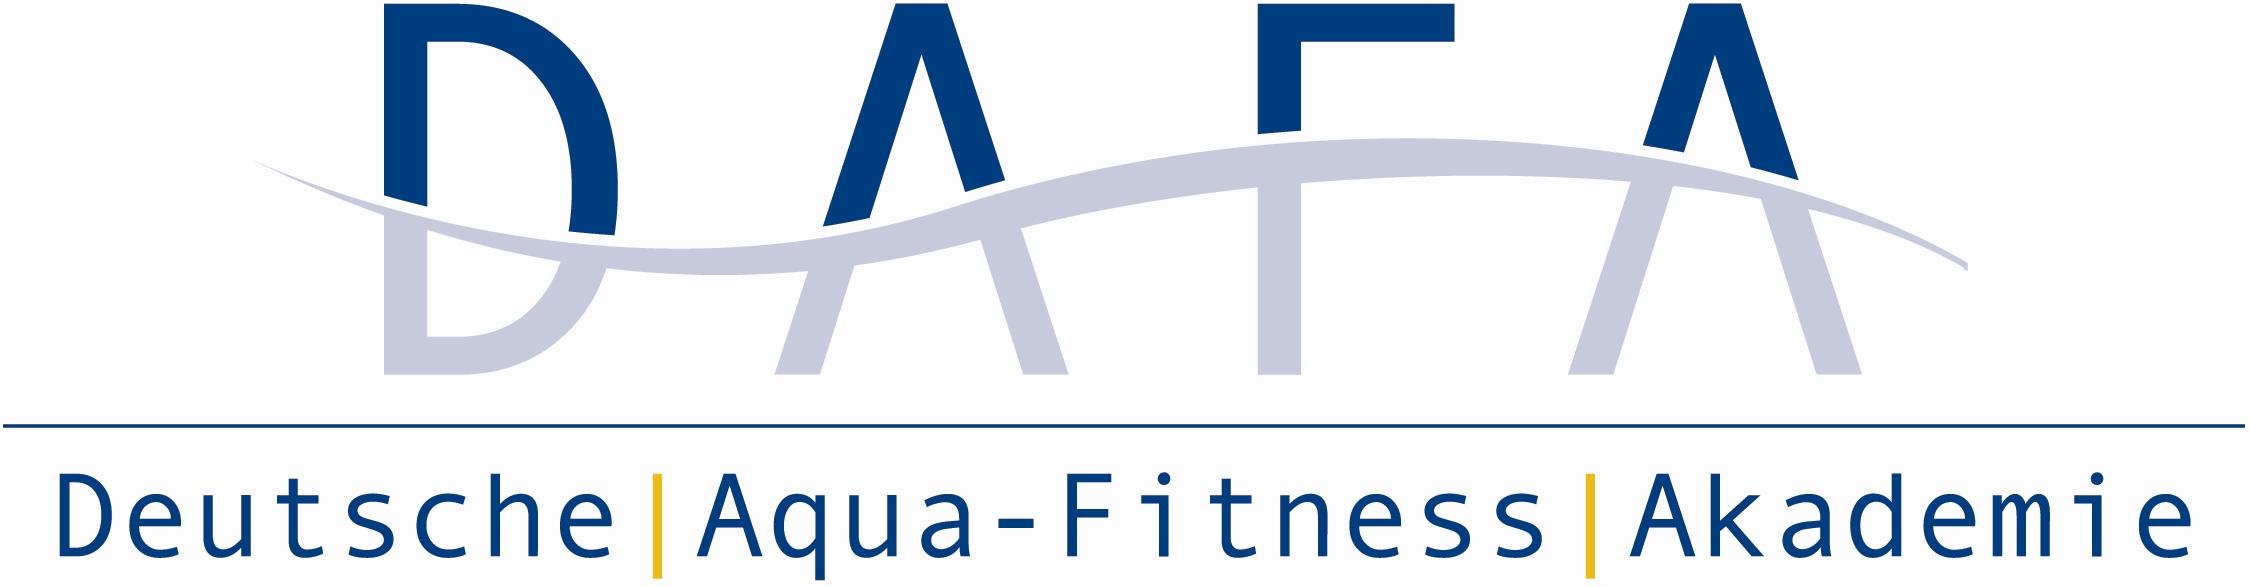 Logo DAFA Deutsche Aqua-Fitness-Akademie